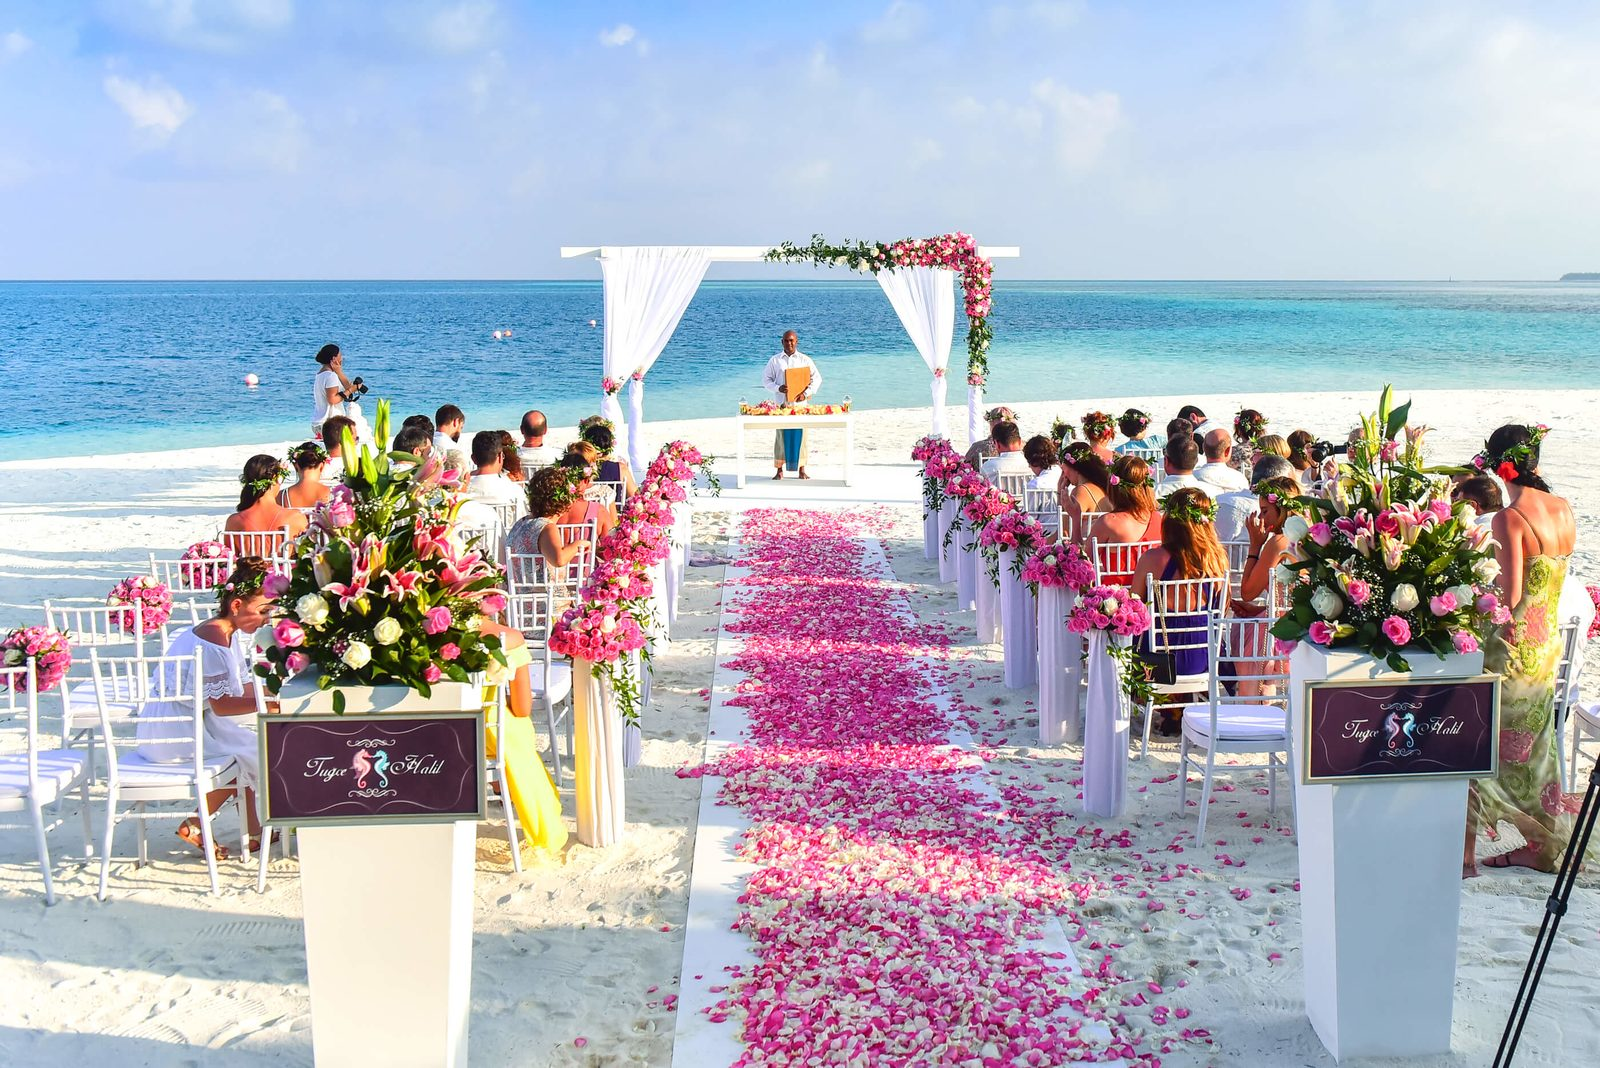 Um casamento em Bonaire é o sonho de muitos casais! Quem não quer casar com o amor da sua vida numa bela ilha cheia de sol como Bonaire?